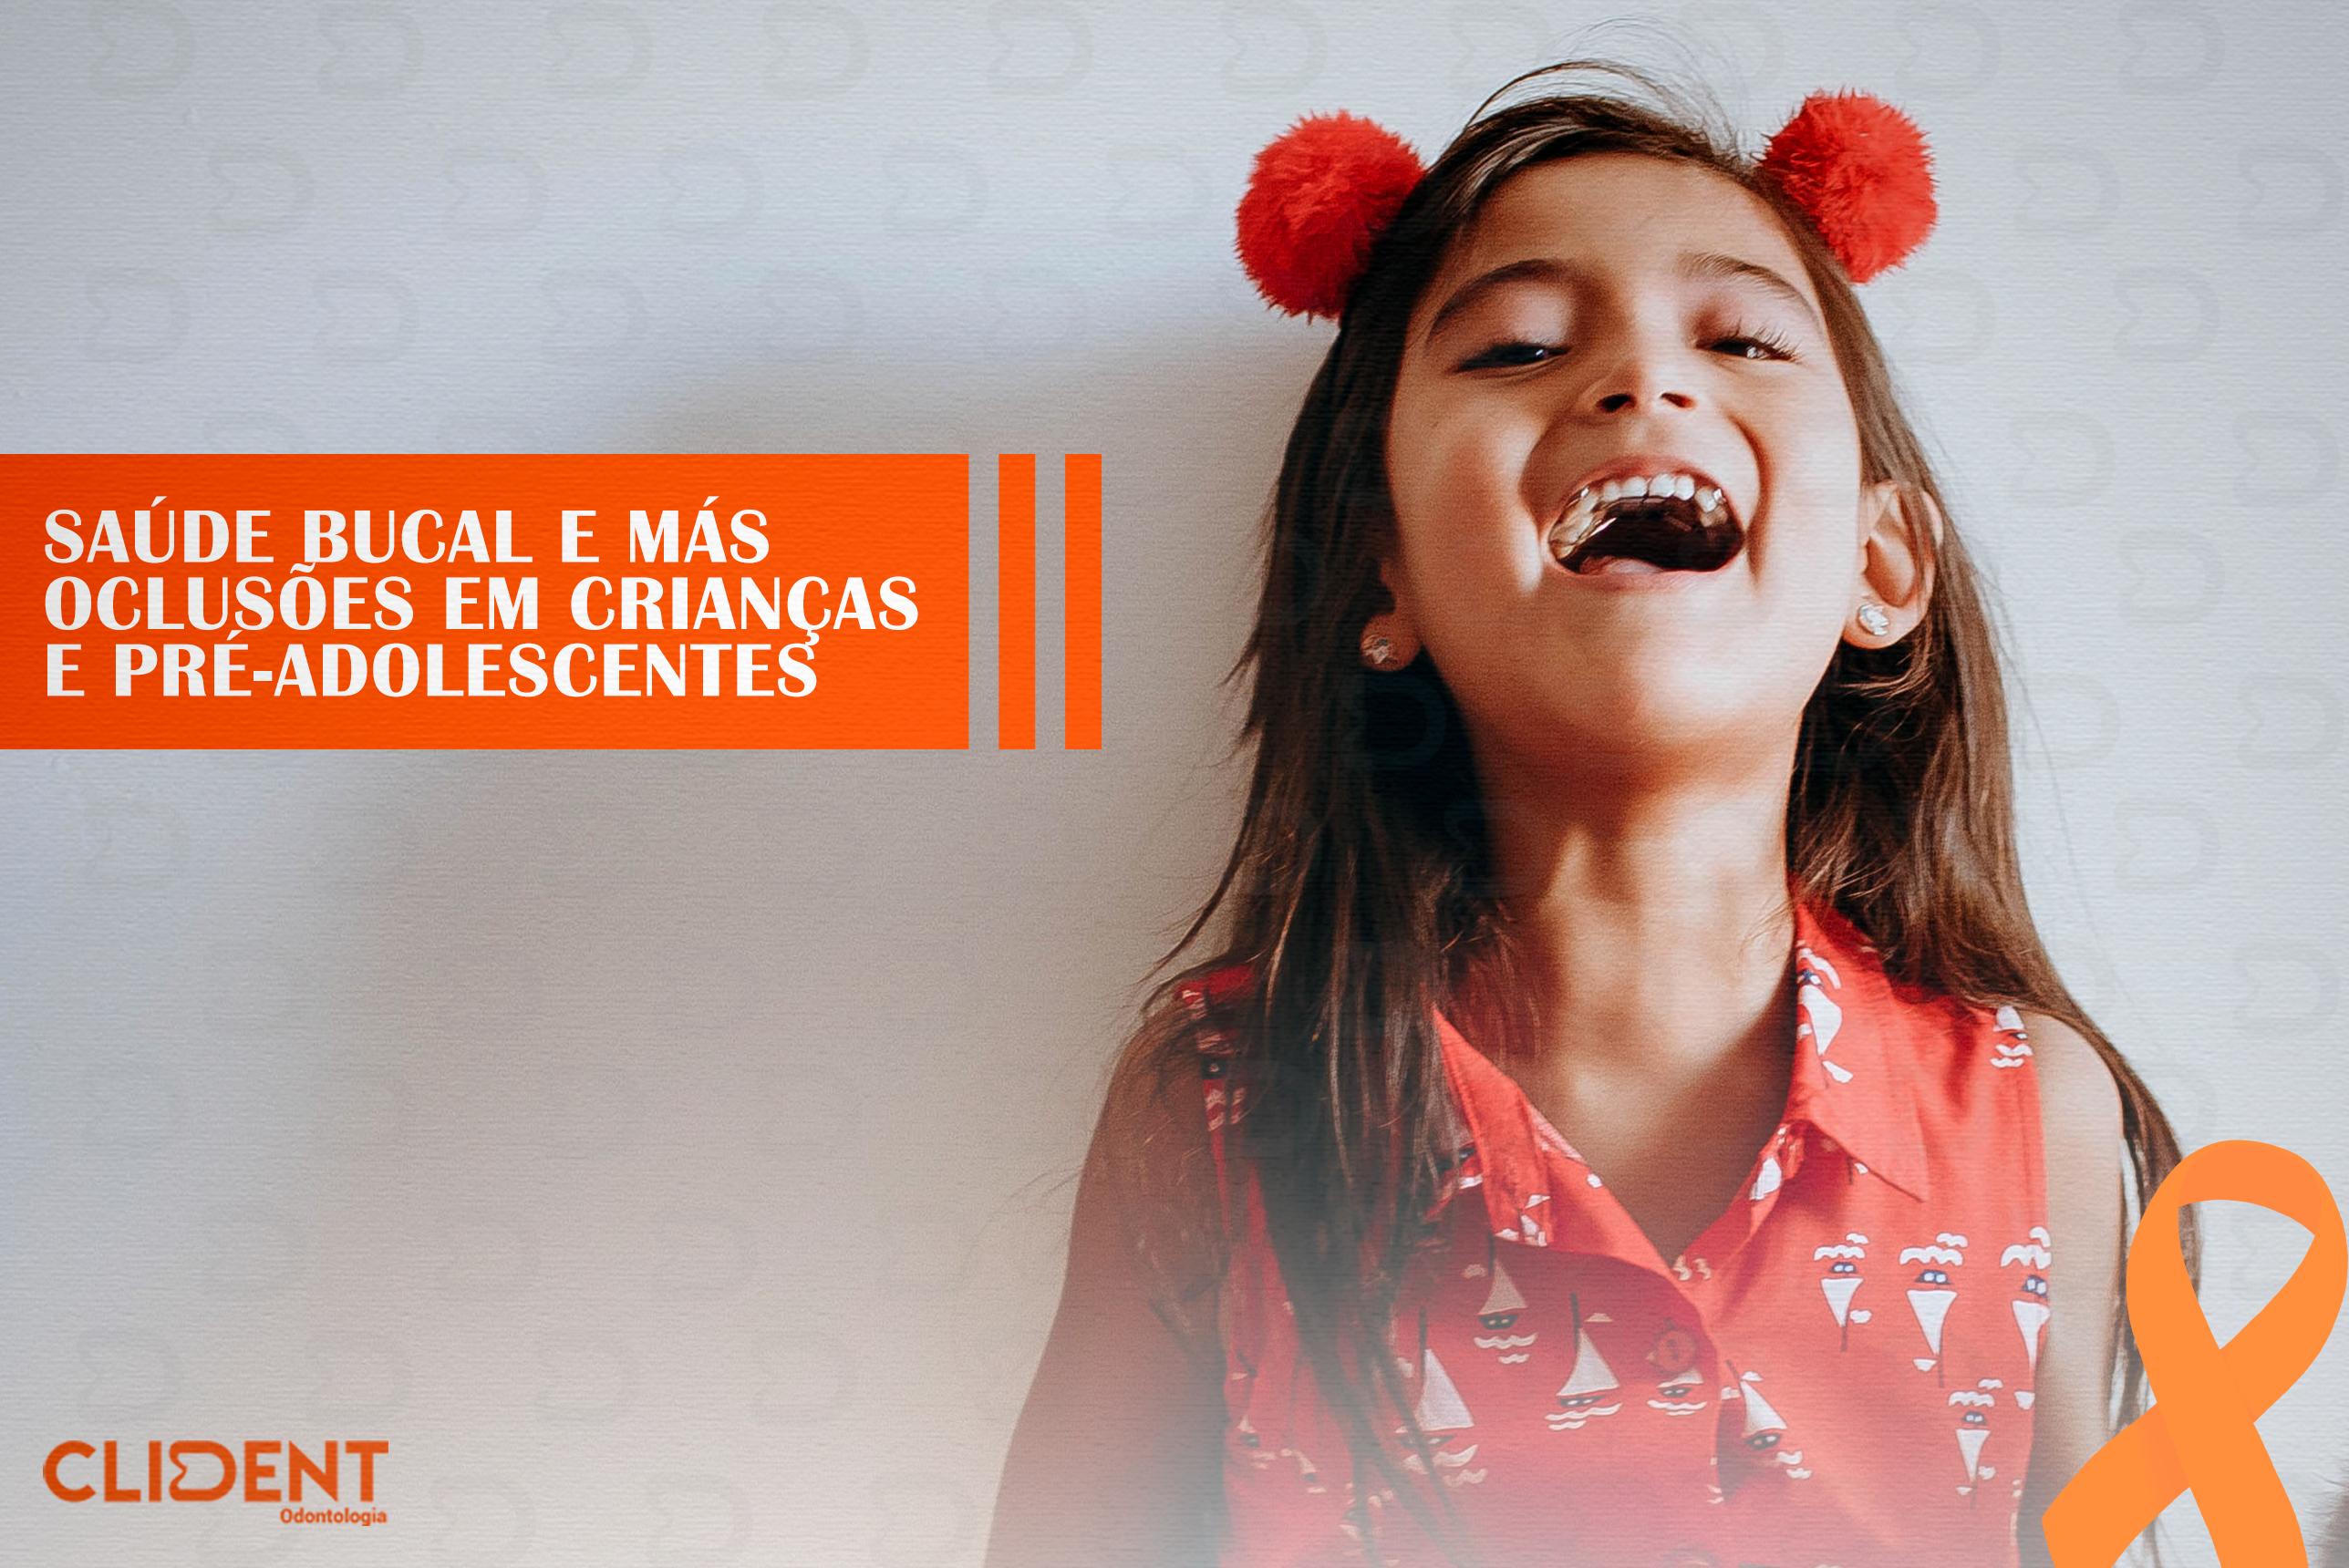 Julho Laranja: Saúde bucal e más oclusões em crianças e pré-adolescentes